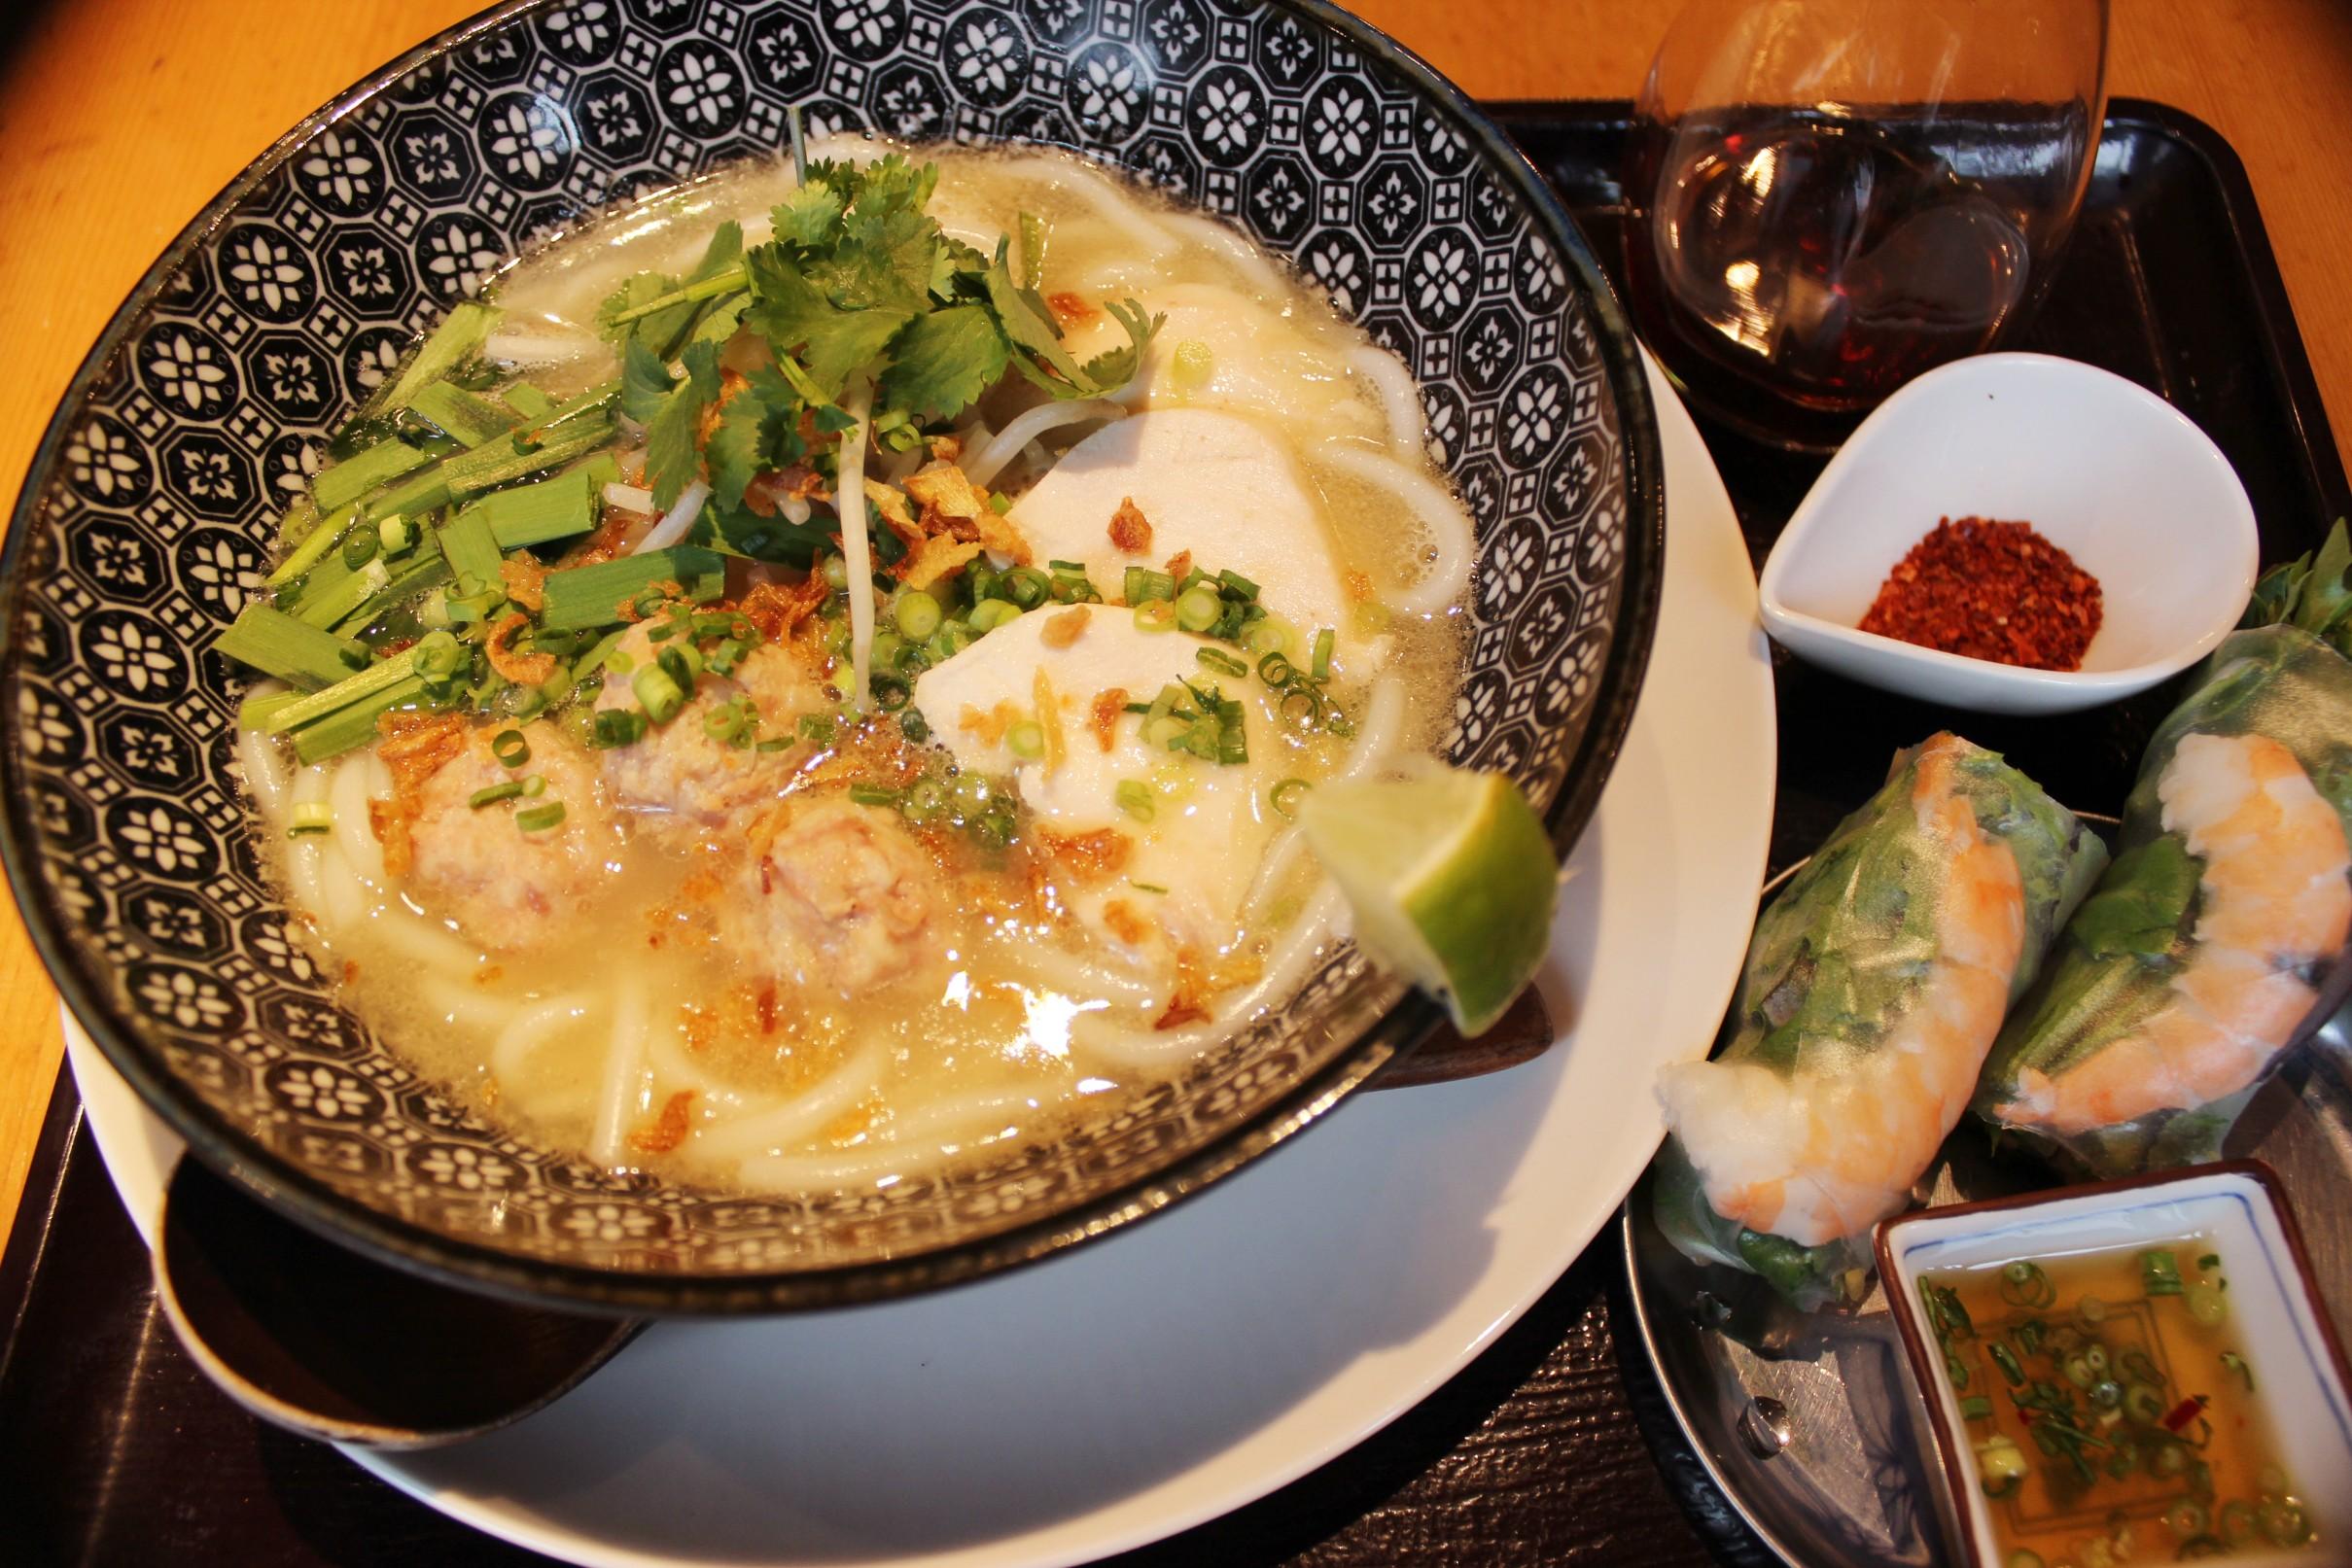 三鷹「ユーカリ食堂」の日替わり定食